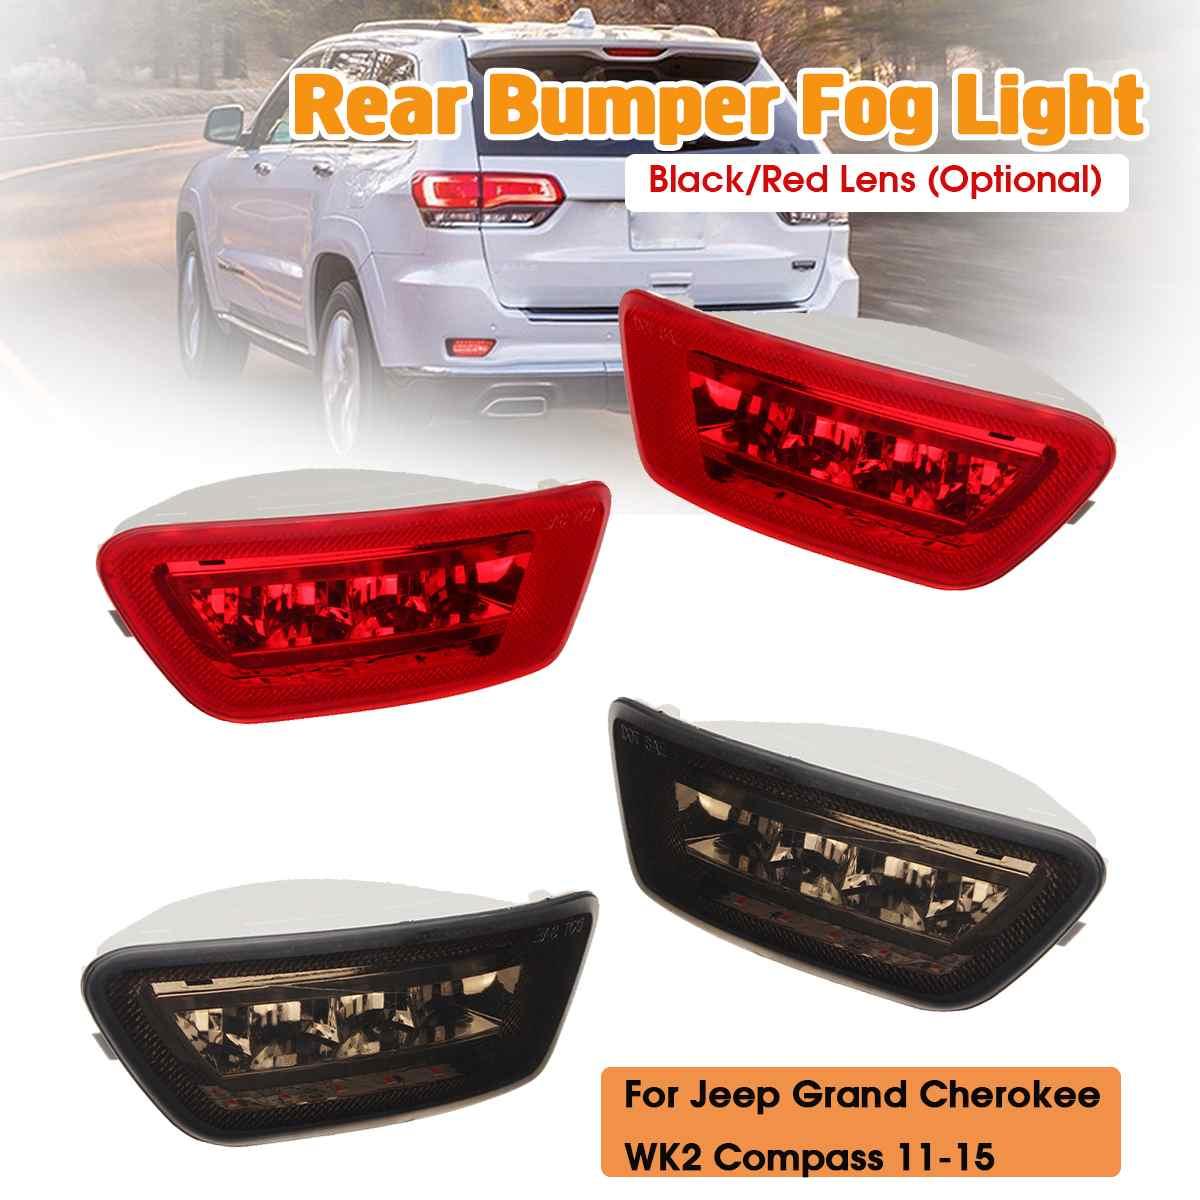 1 par de luces LED antiniebla para parachoques trasero, luces traseras, luces antiniebla para Jeep Grand Cherokee WK2 Compass Dodge Journey 2011-2018